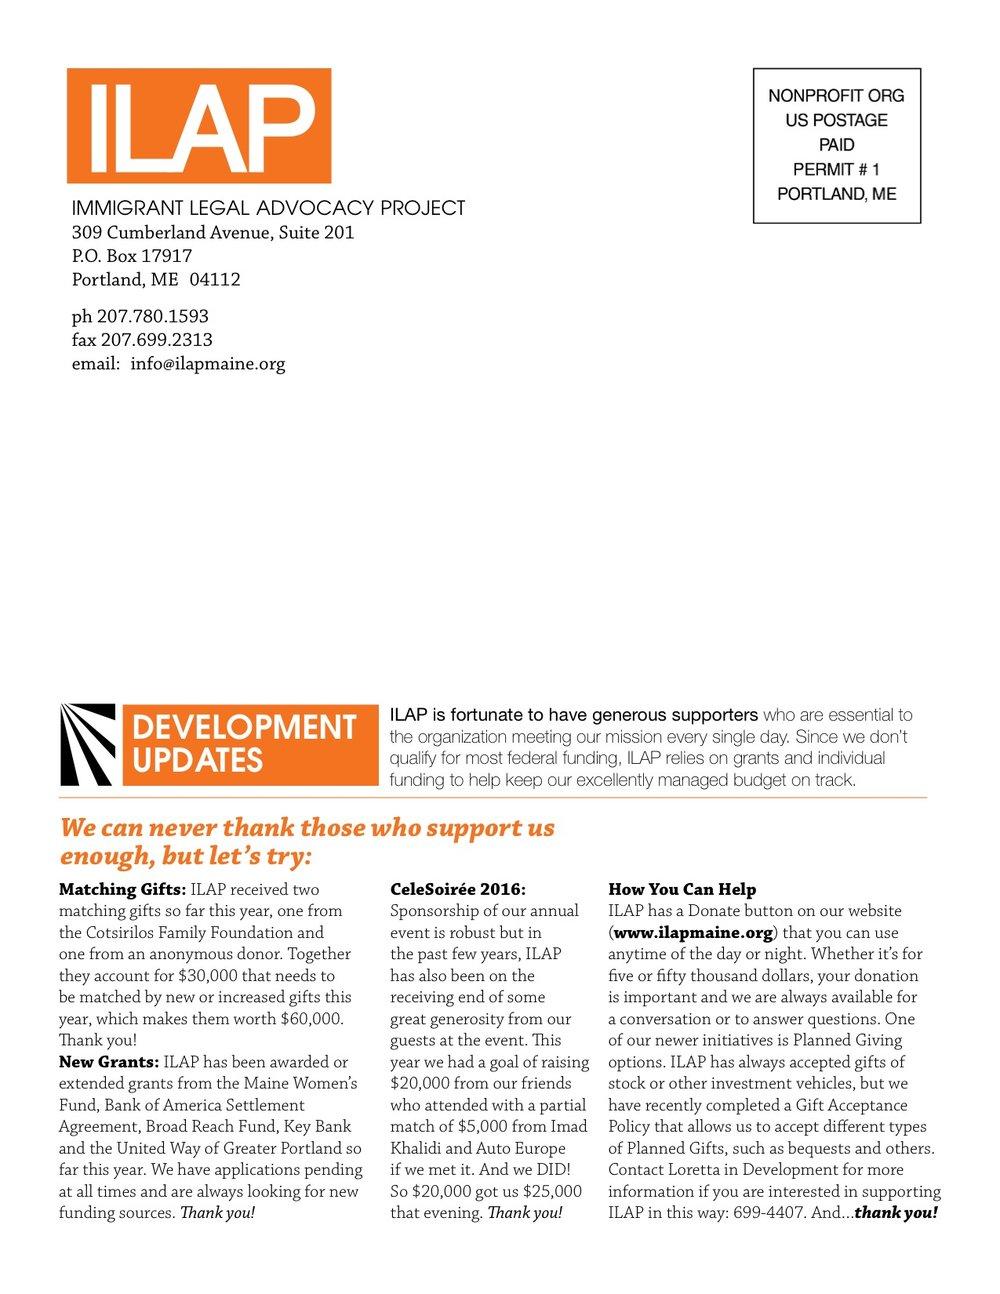 ILAP BeaconSummer(6 13 16-WEB) 8.jpeg